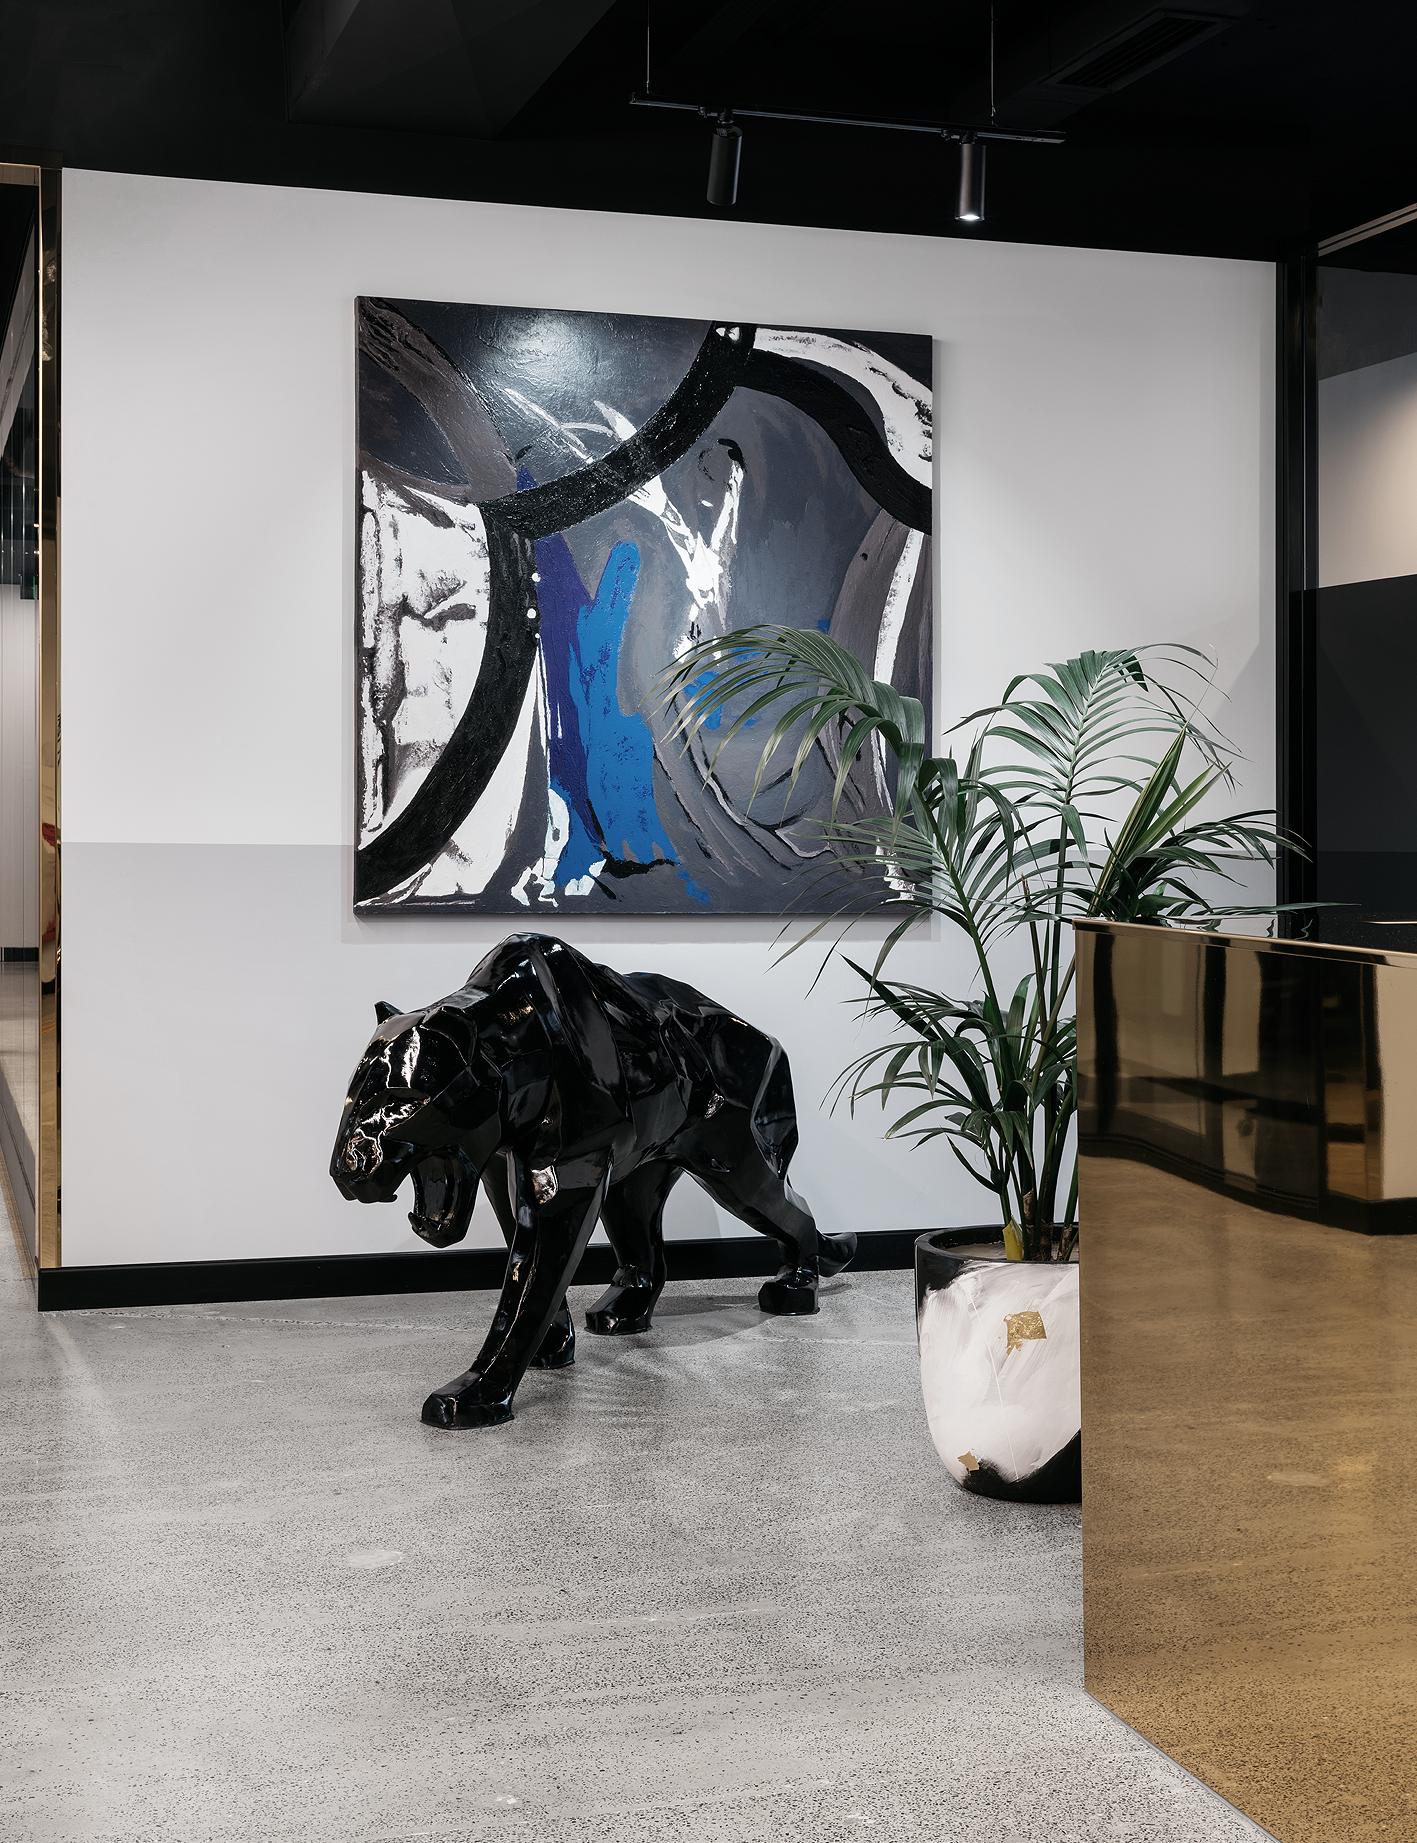 Black panther – Sculpture